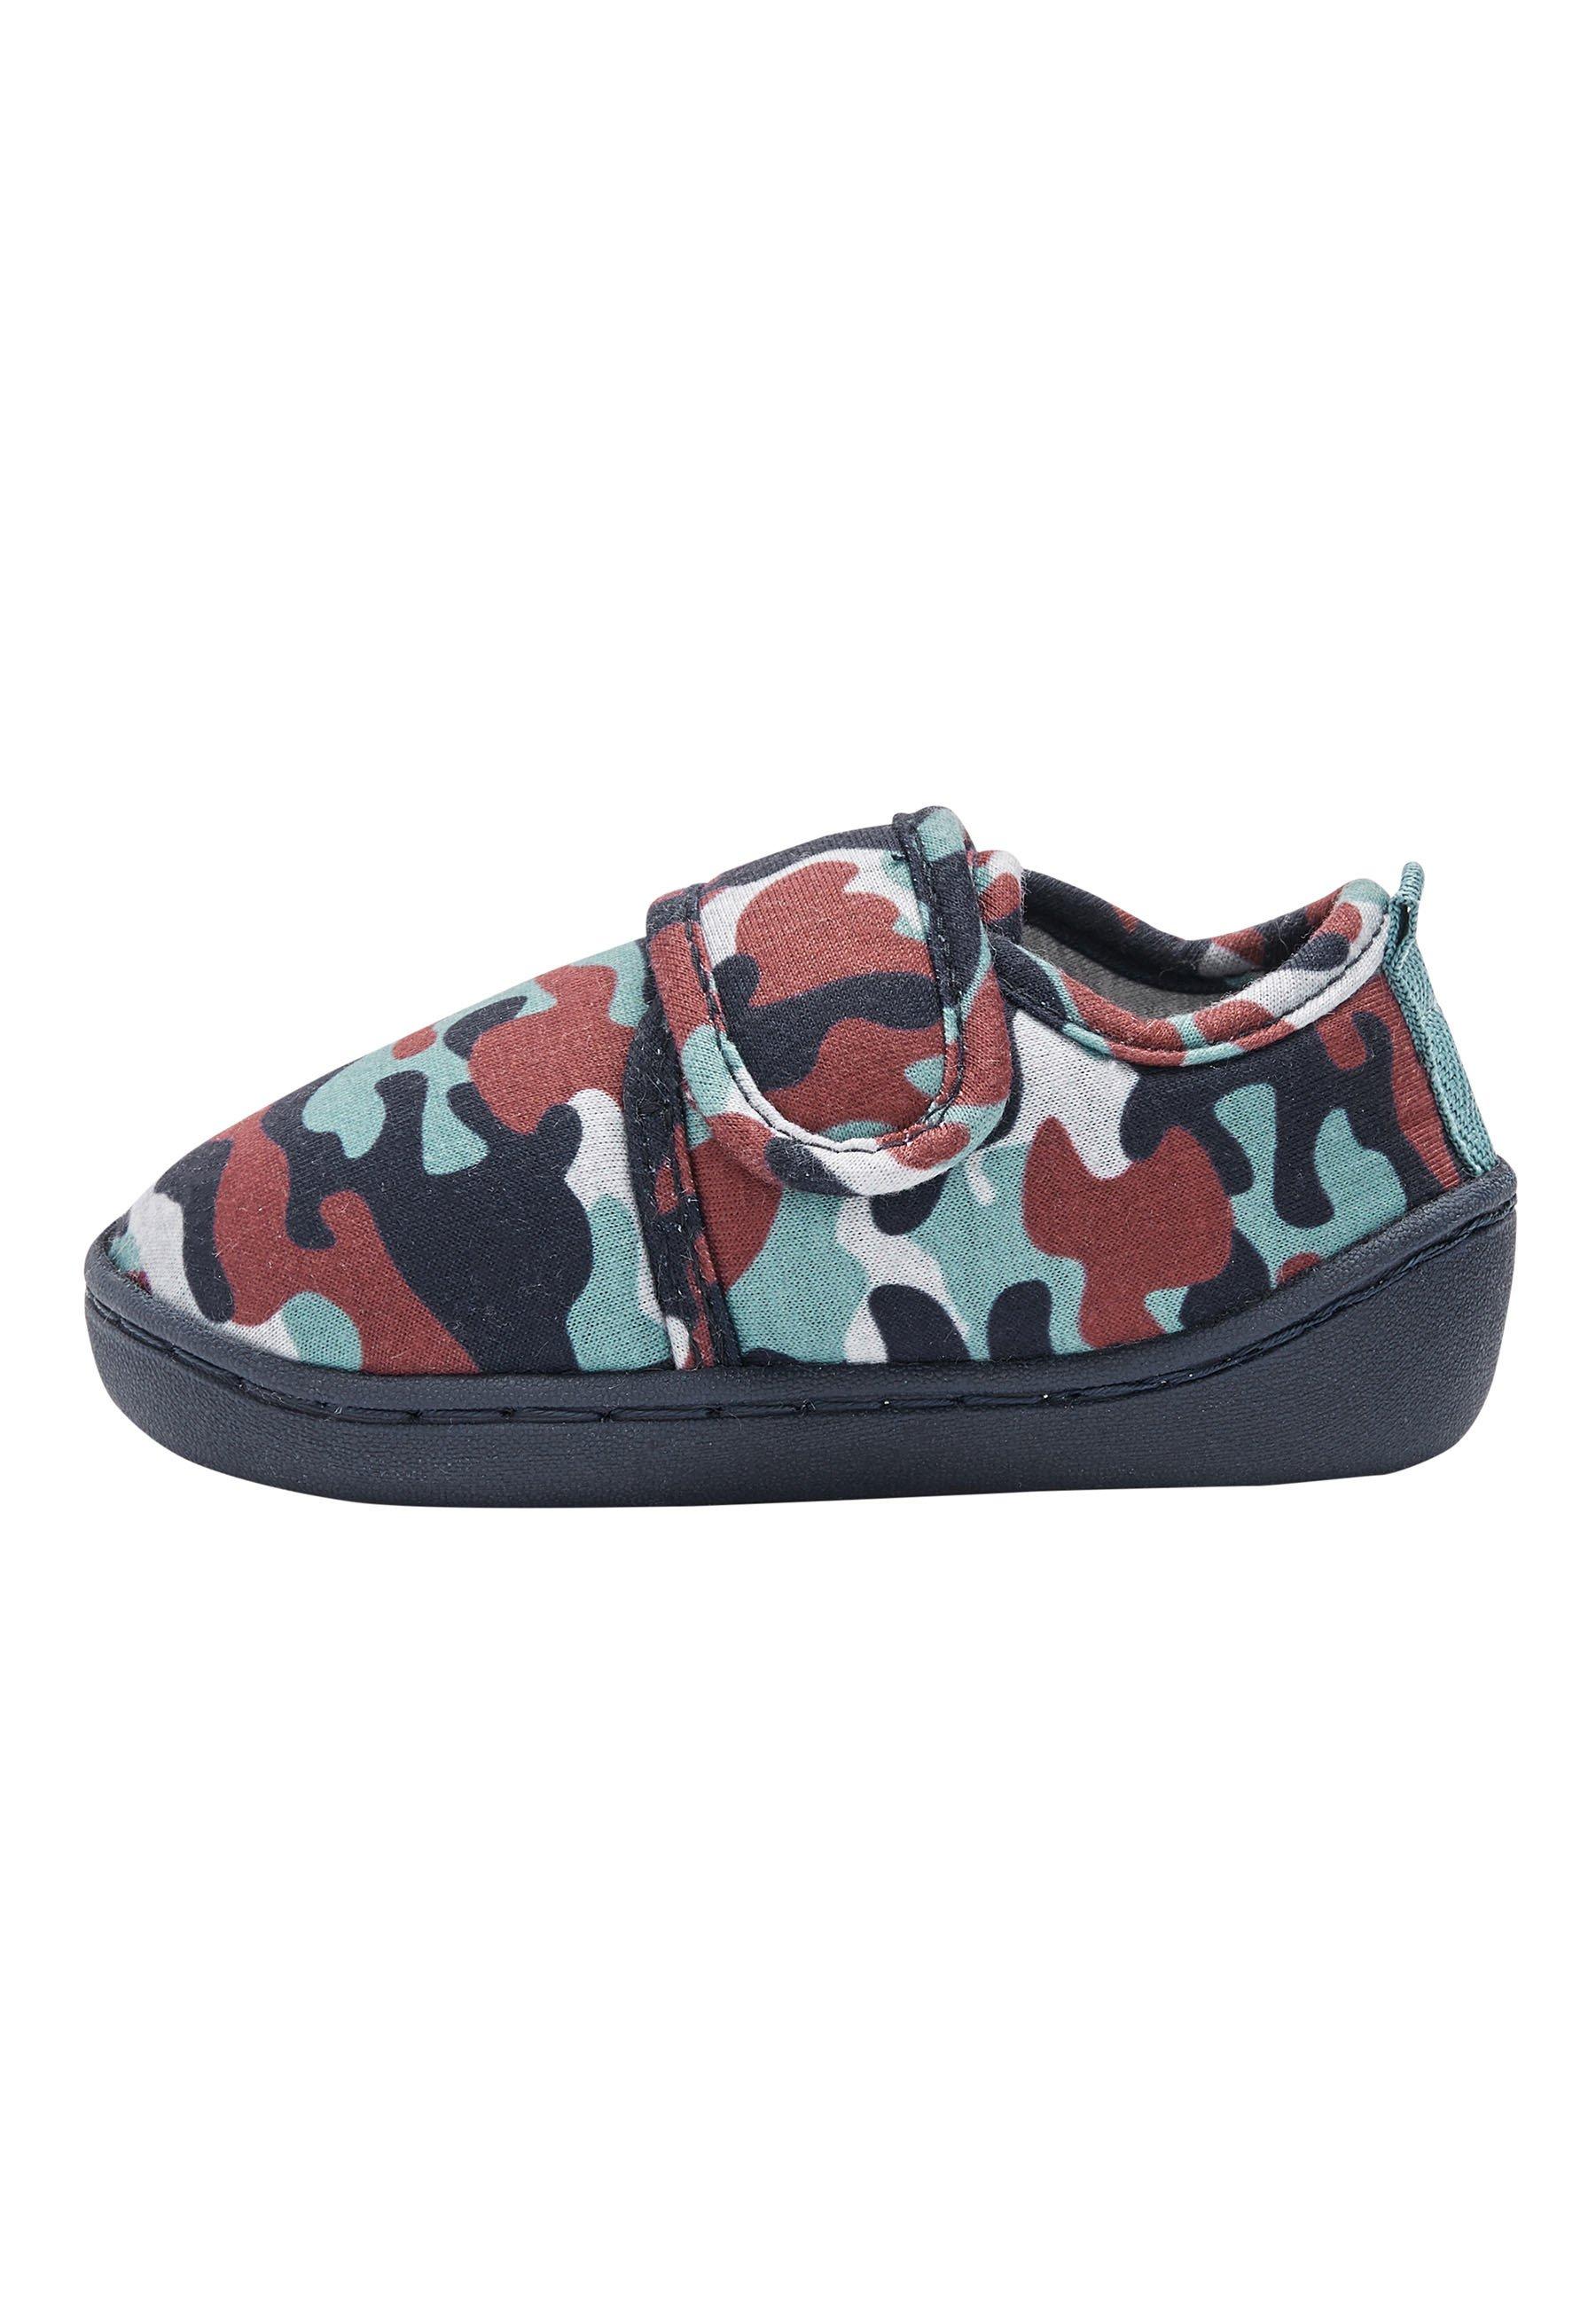 Niño MUTED CAMO  - Zapatos con cierre adhesivo